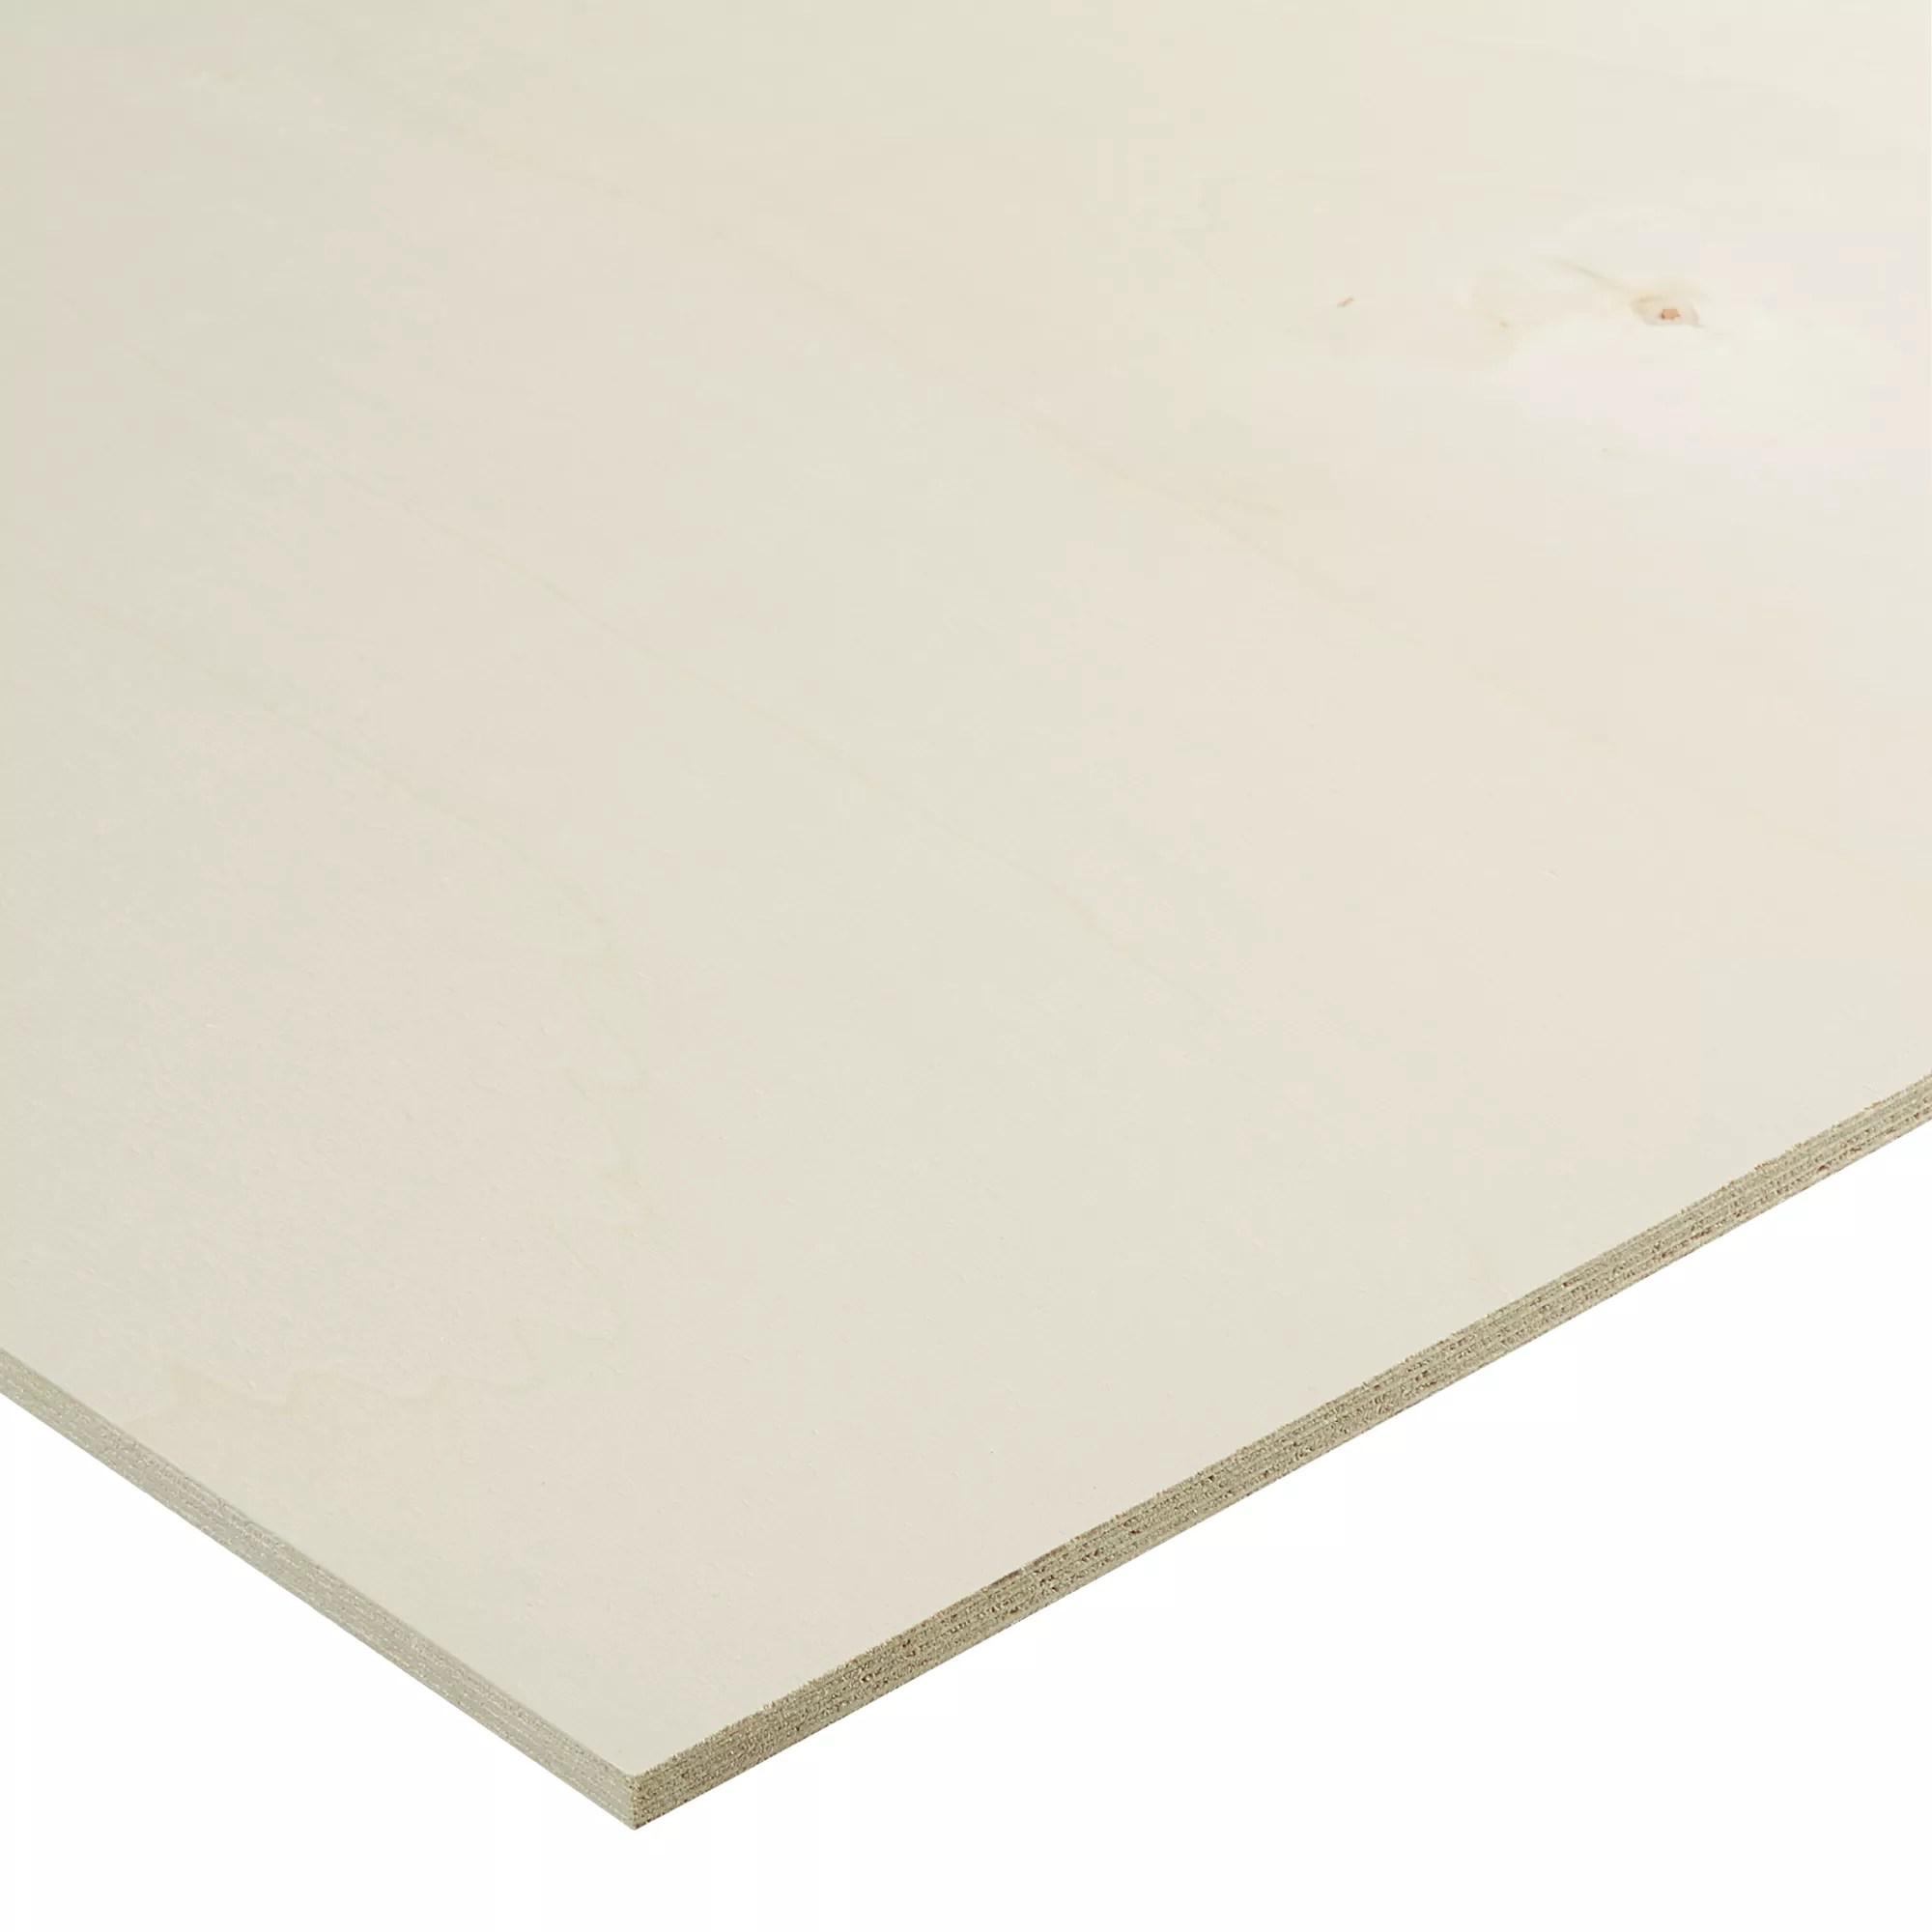 Sperrholzplatte Pappel 1200 X 600 X 10 Mm ǀ Toom Baumarkt